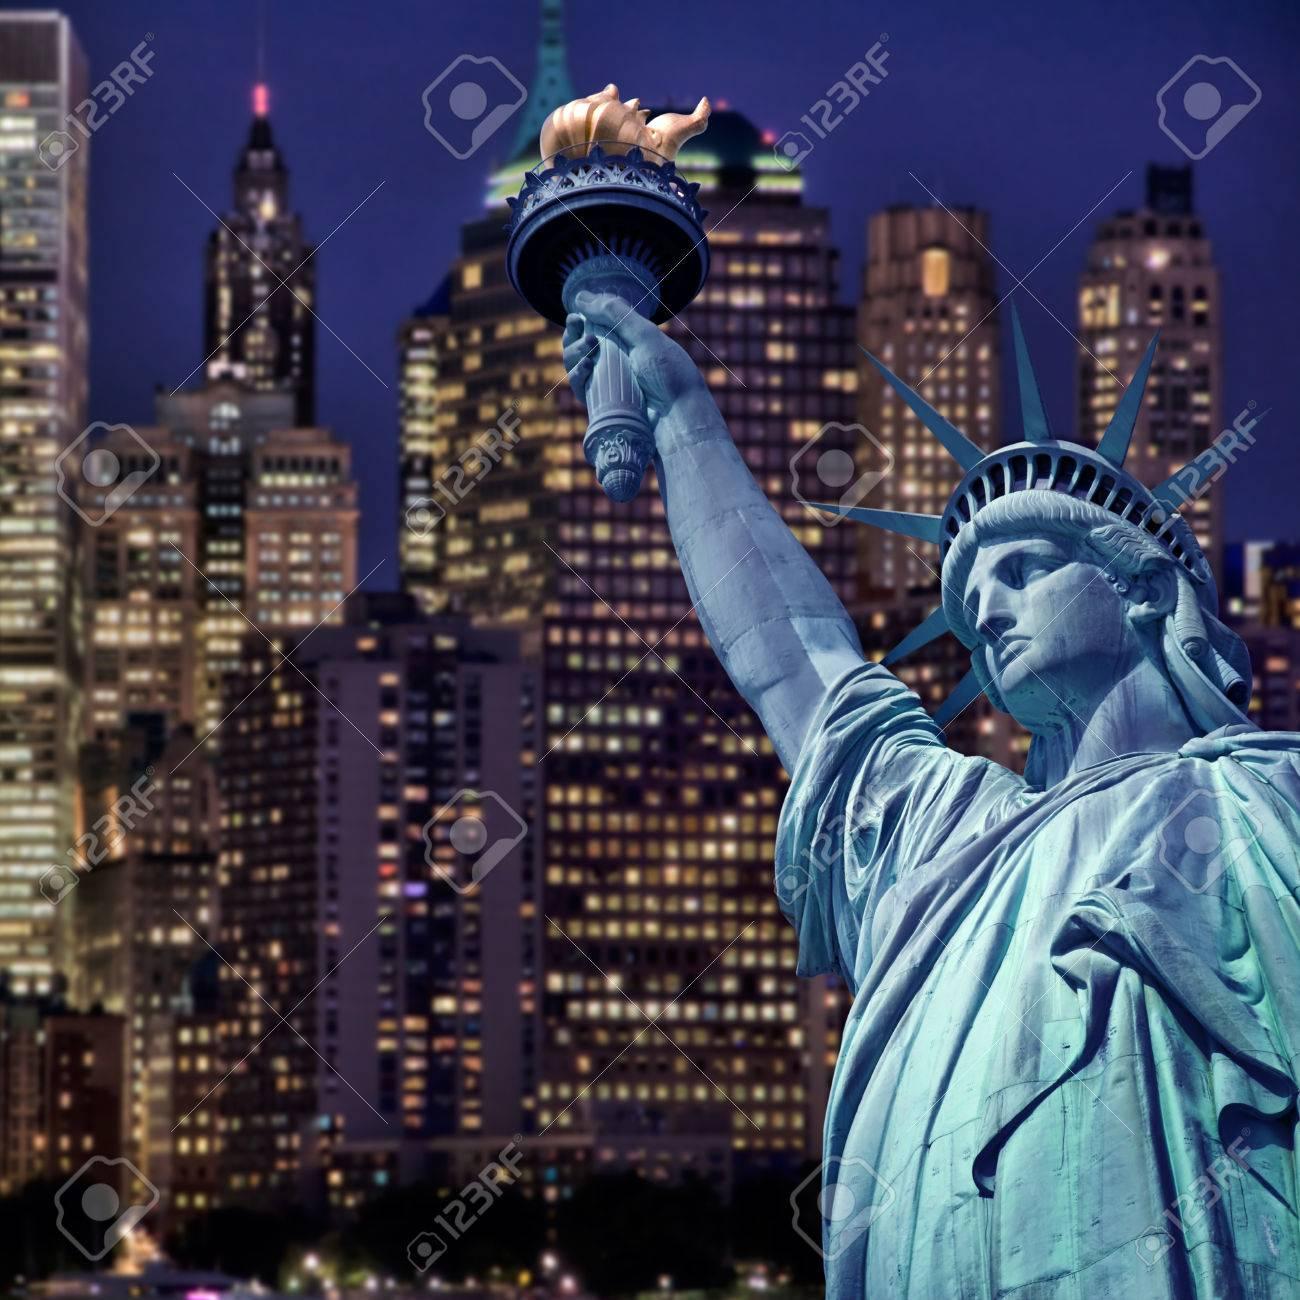 Immagini Stock Statua Della Liberta Di Notte New York Skyline Di Sfondo Image 33597255